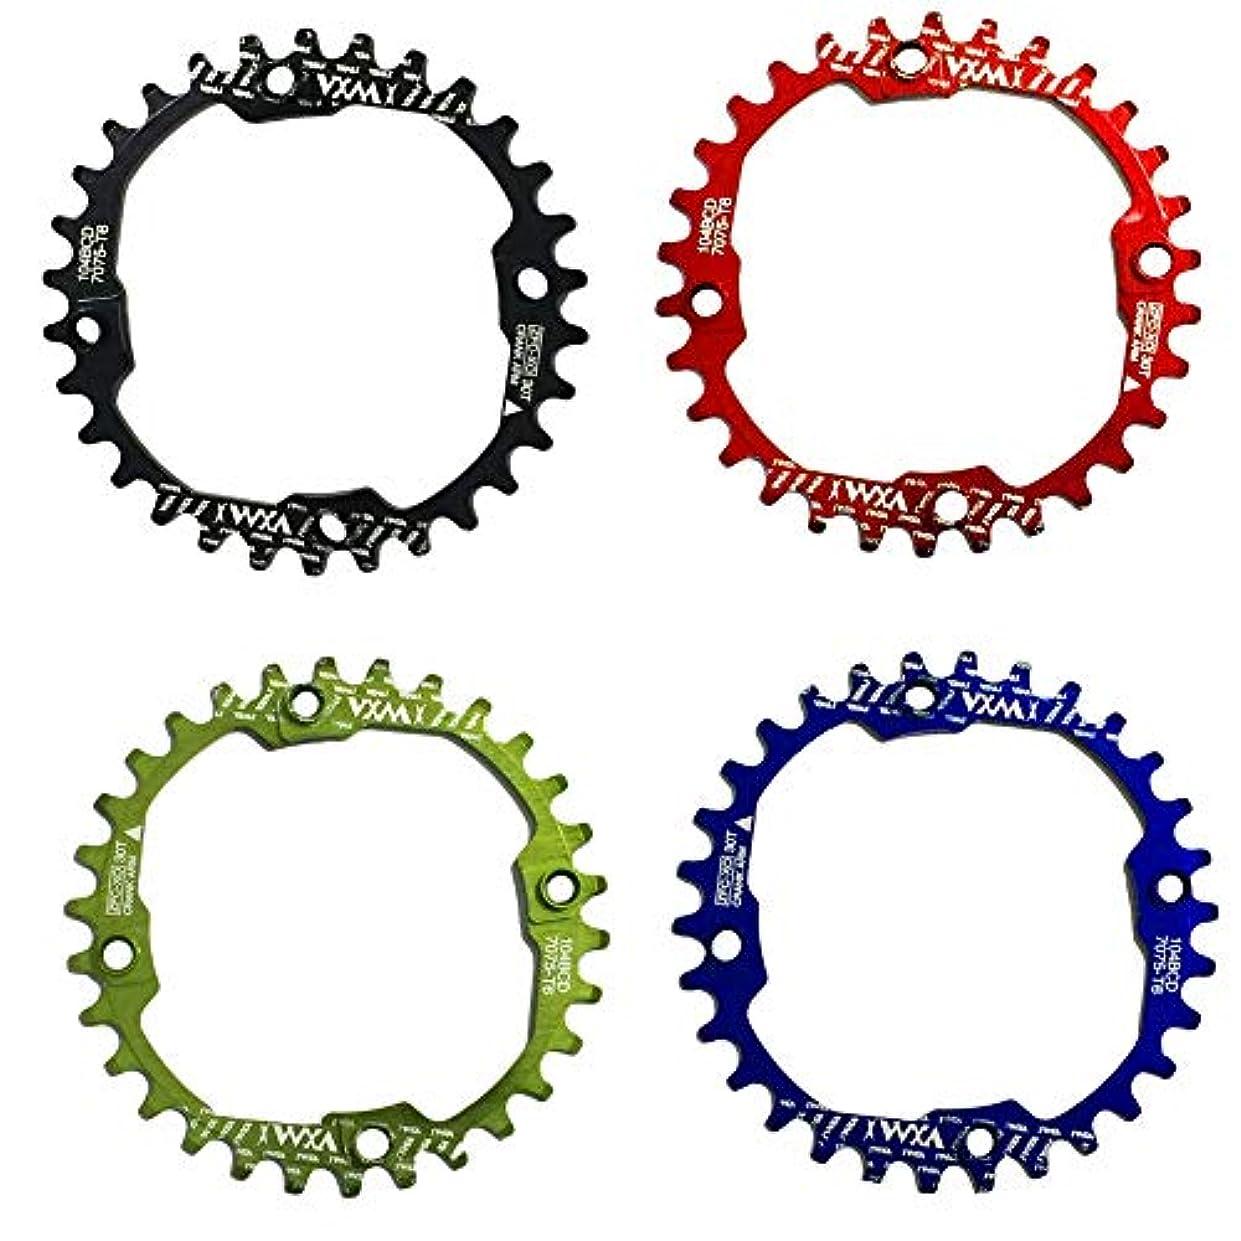 面倒タンク世界的にPropenary - 1PC Bicycle Chainwheel Crank 30T 104BCD Aluminum Alloy Narrow Wide Chainring Round Bike Chainwheel Crankset Bicycle Parts [ Green ]